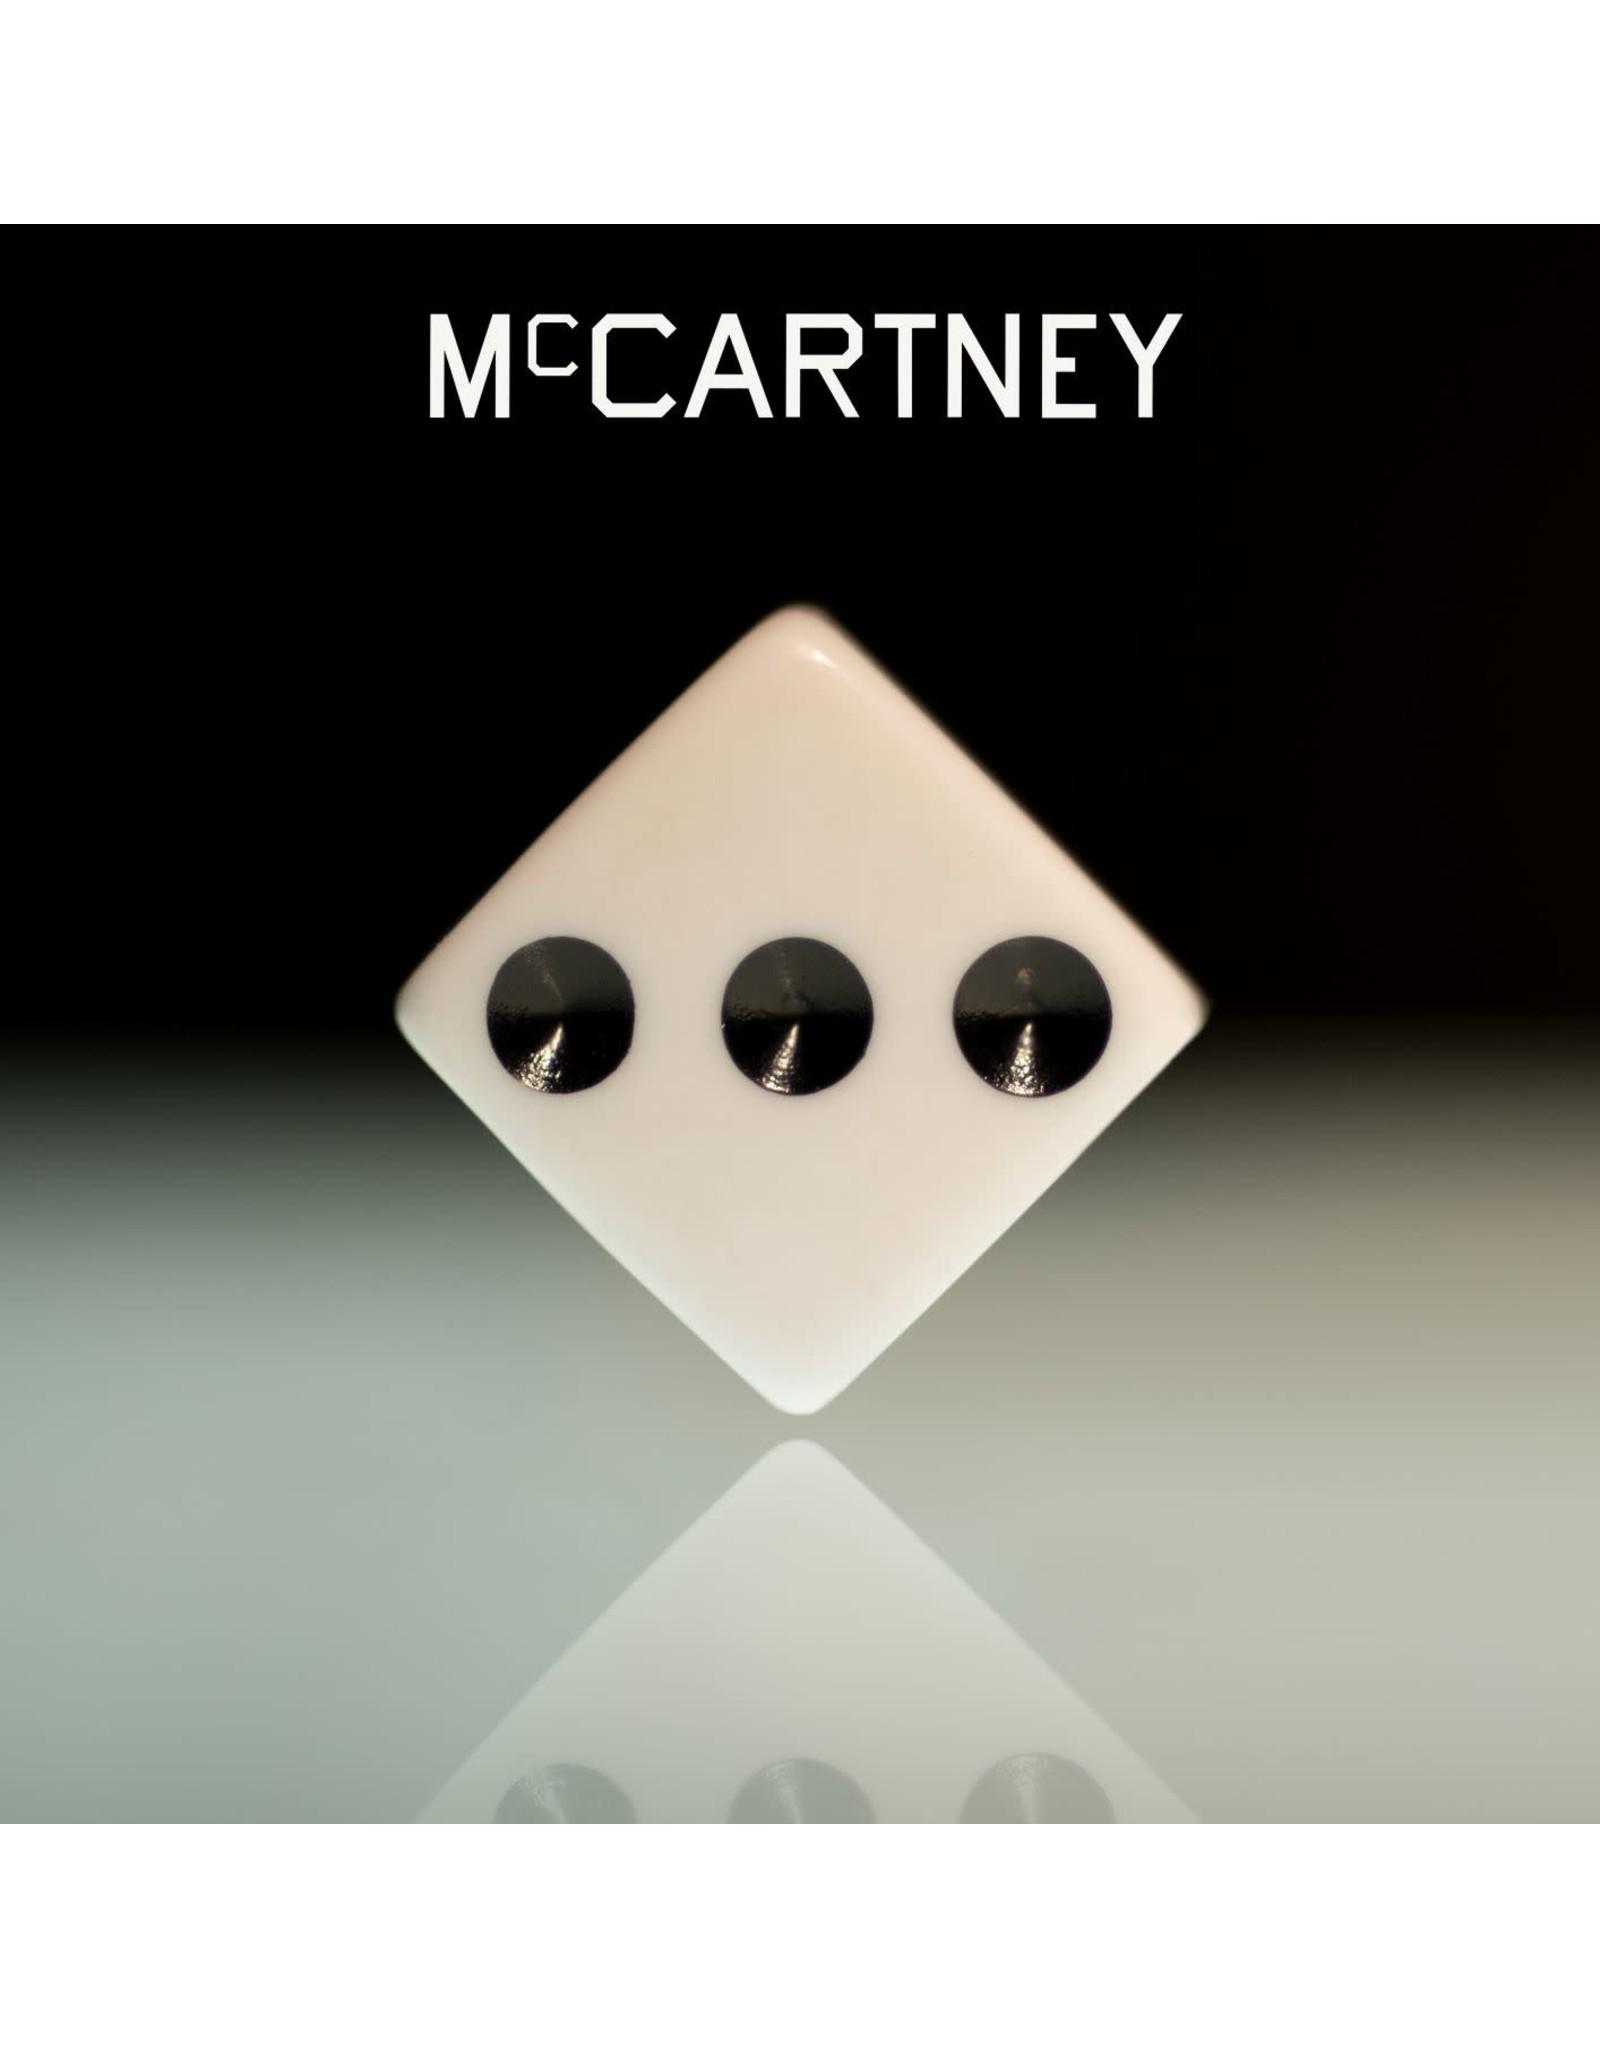 New Vinyl Paul McCartney - McCartney III LP